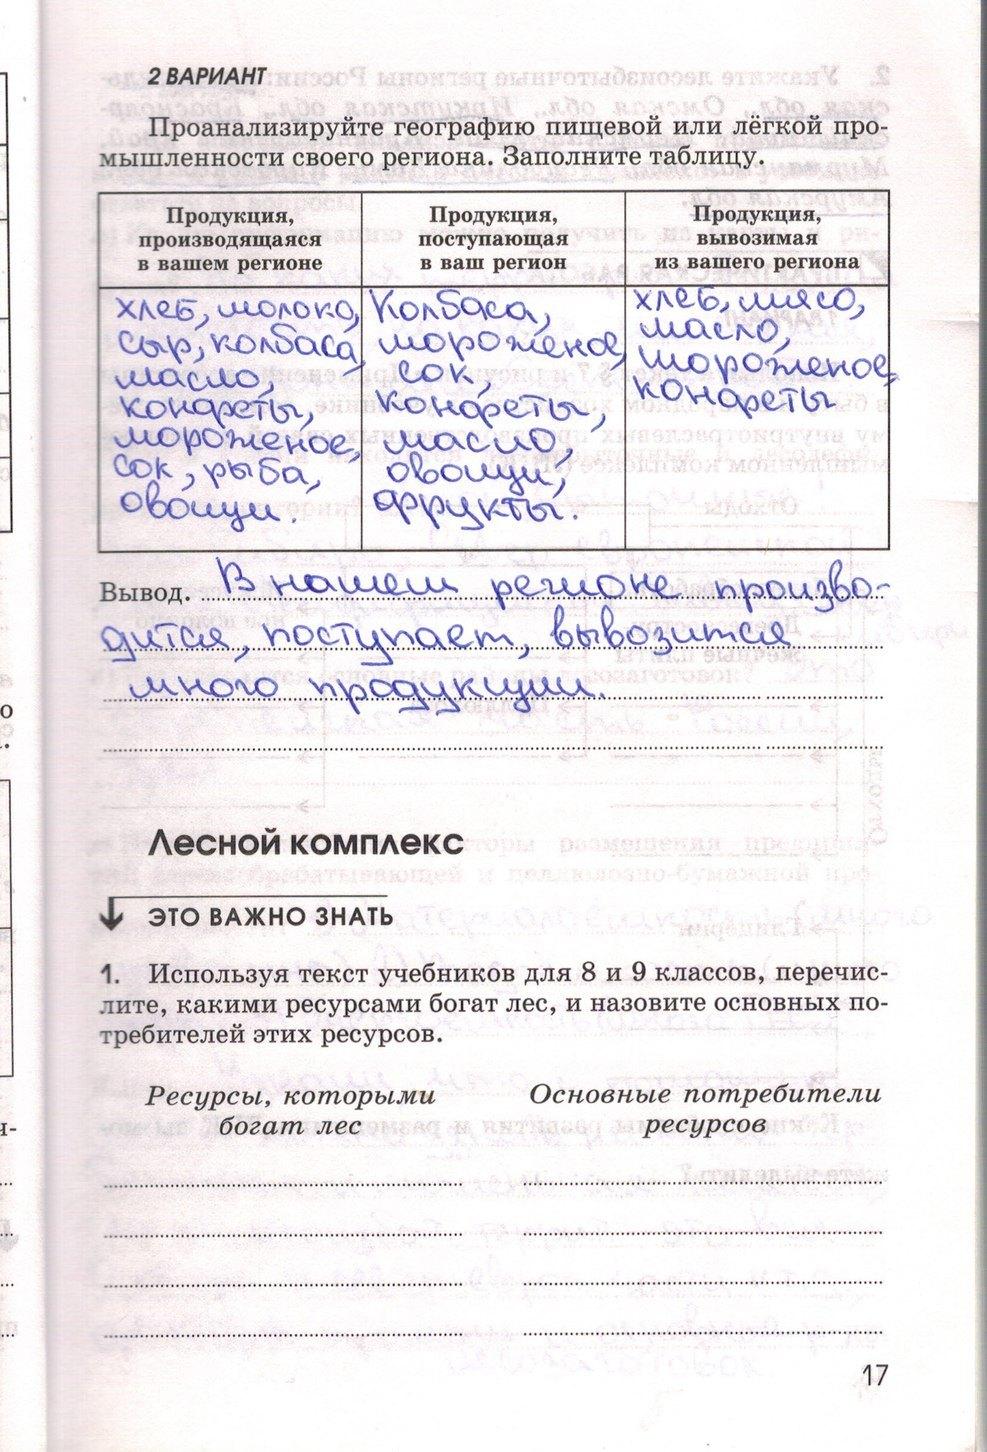 Решебник По Географии 9 Класс Рабочая Тетрадь Алексеева